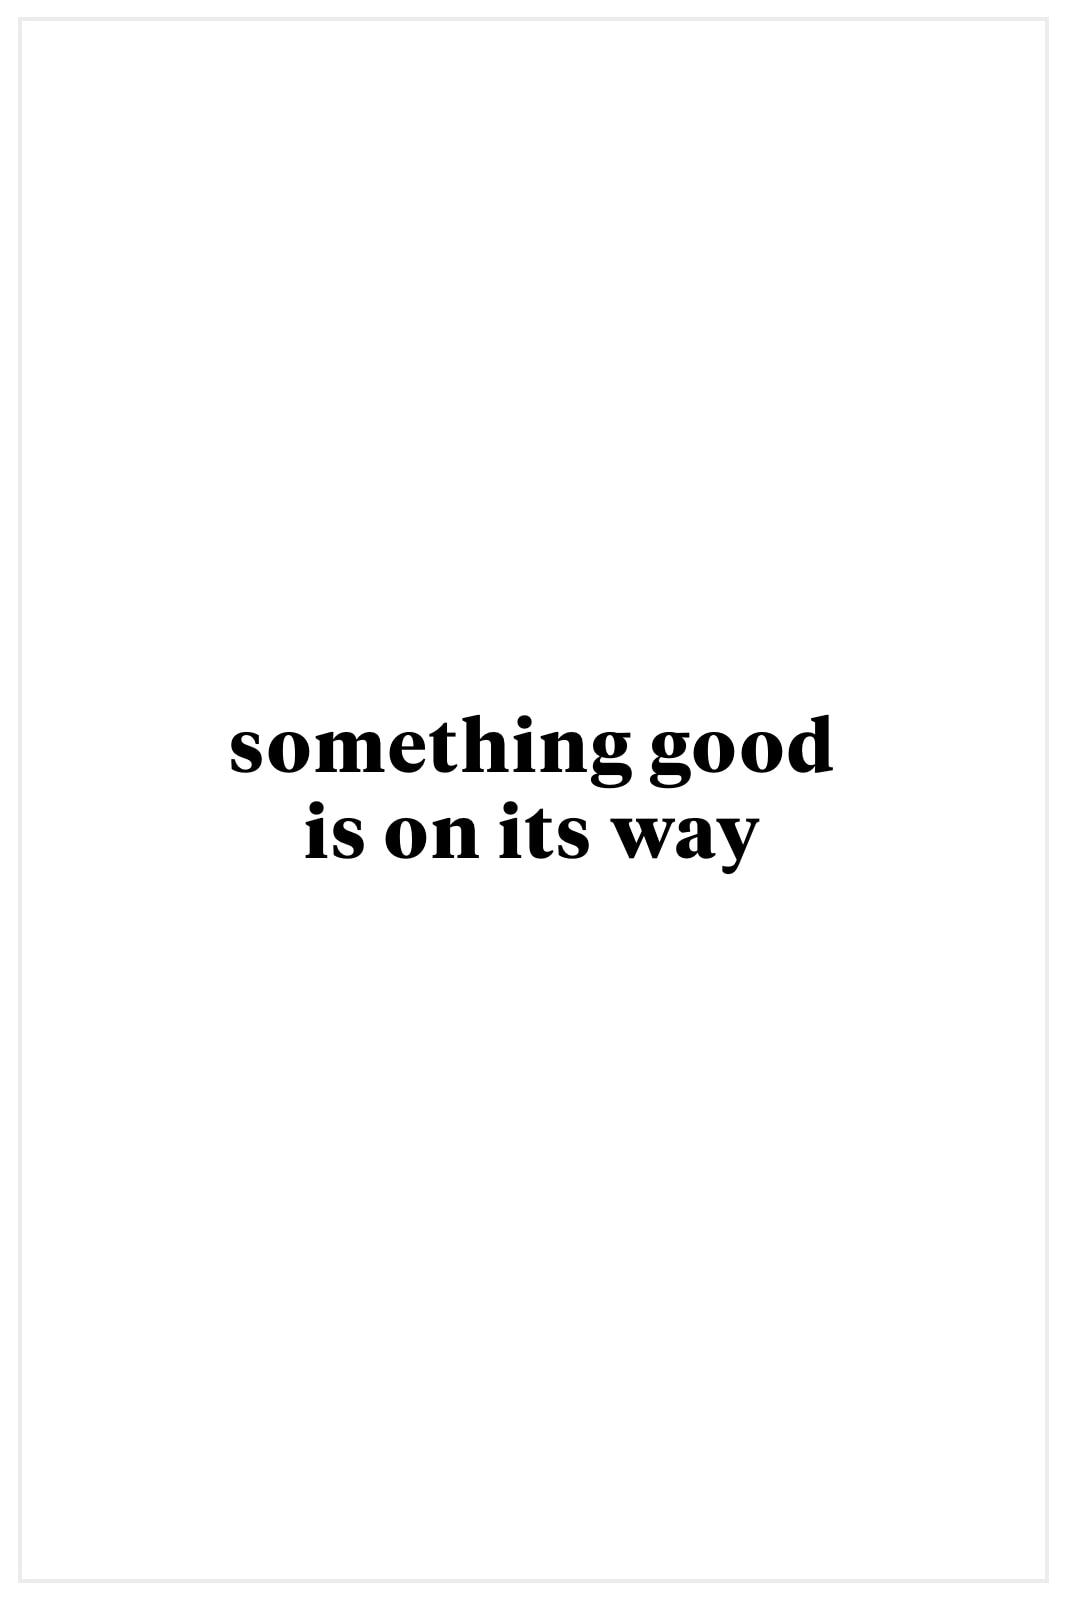 Bailey 44 Sombreros Sweatshirt